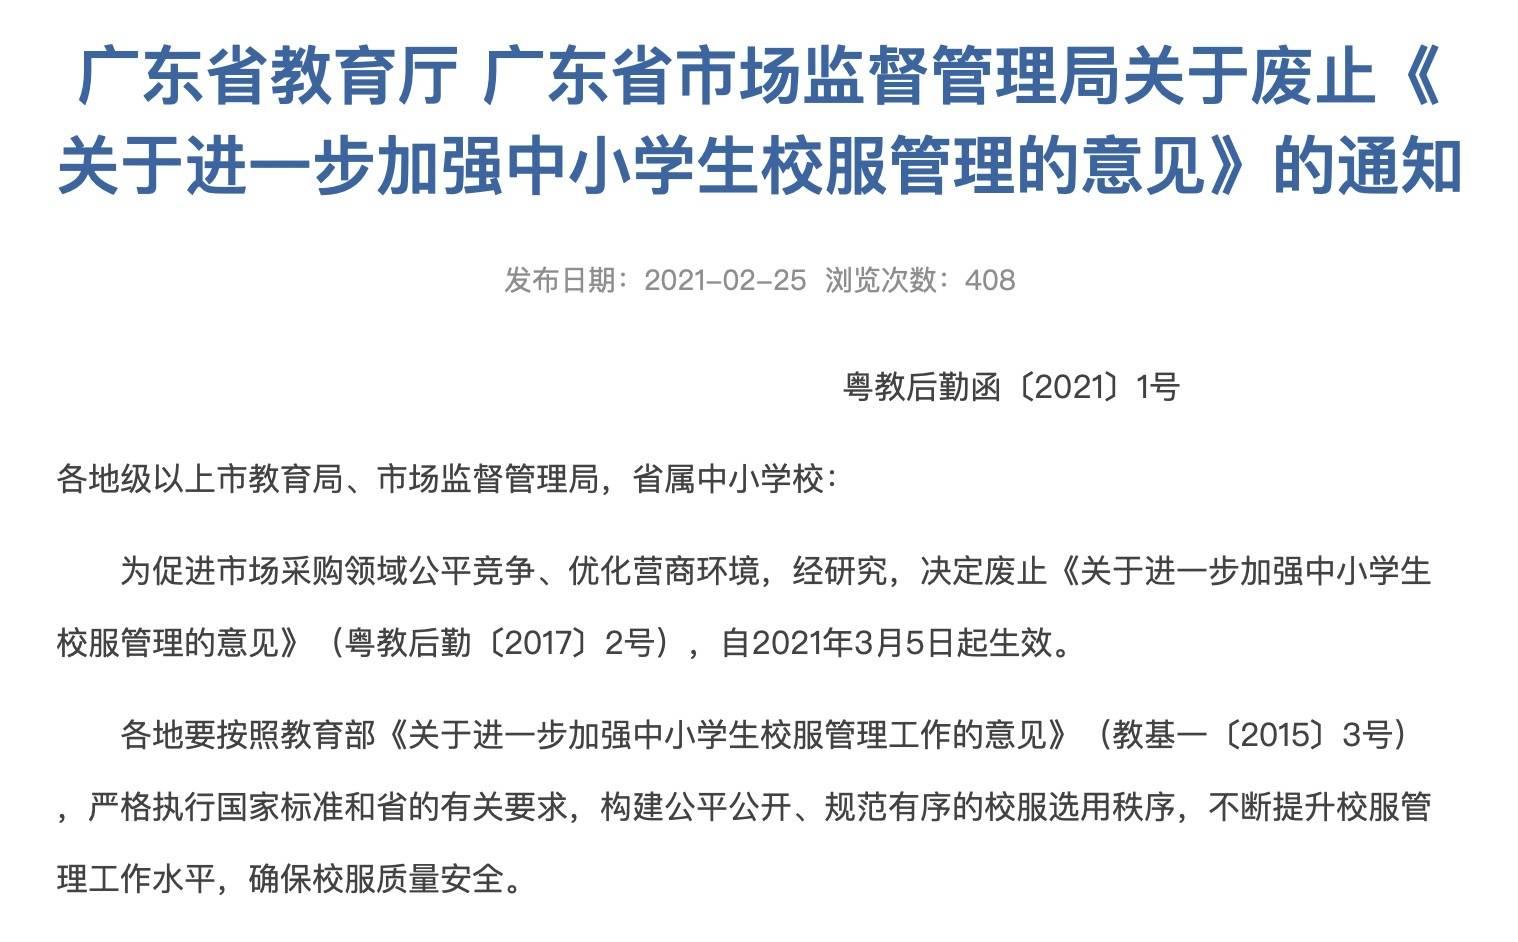 广东省教育厅:3月5日起,废止广东中小学校服管理意见